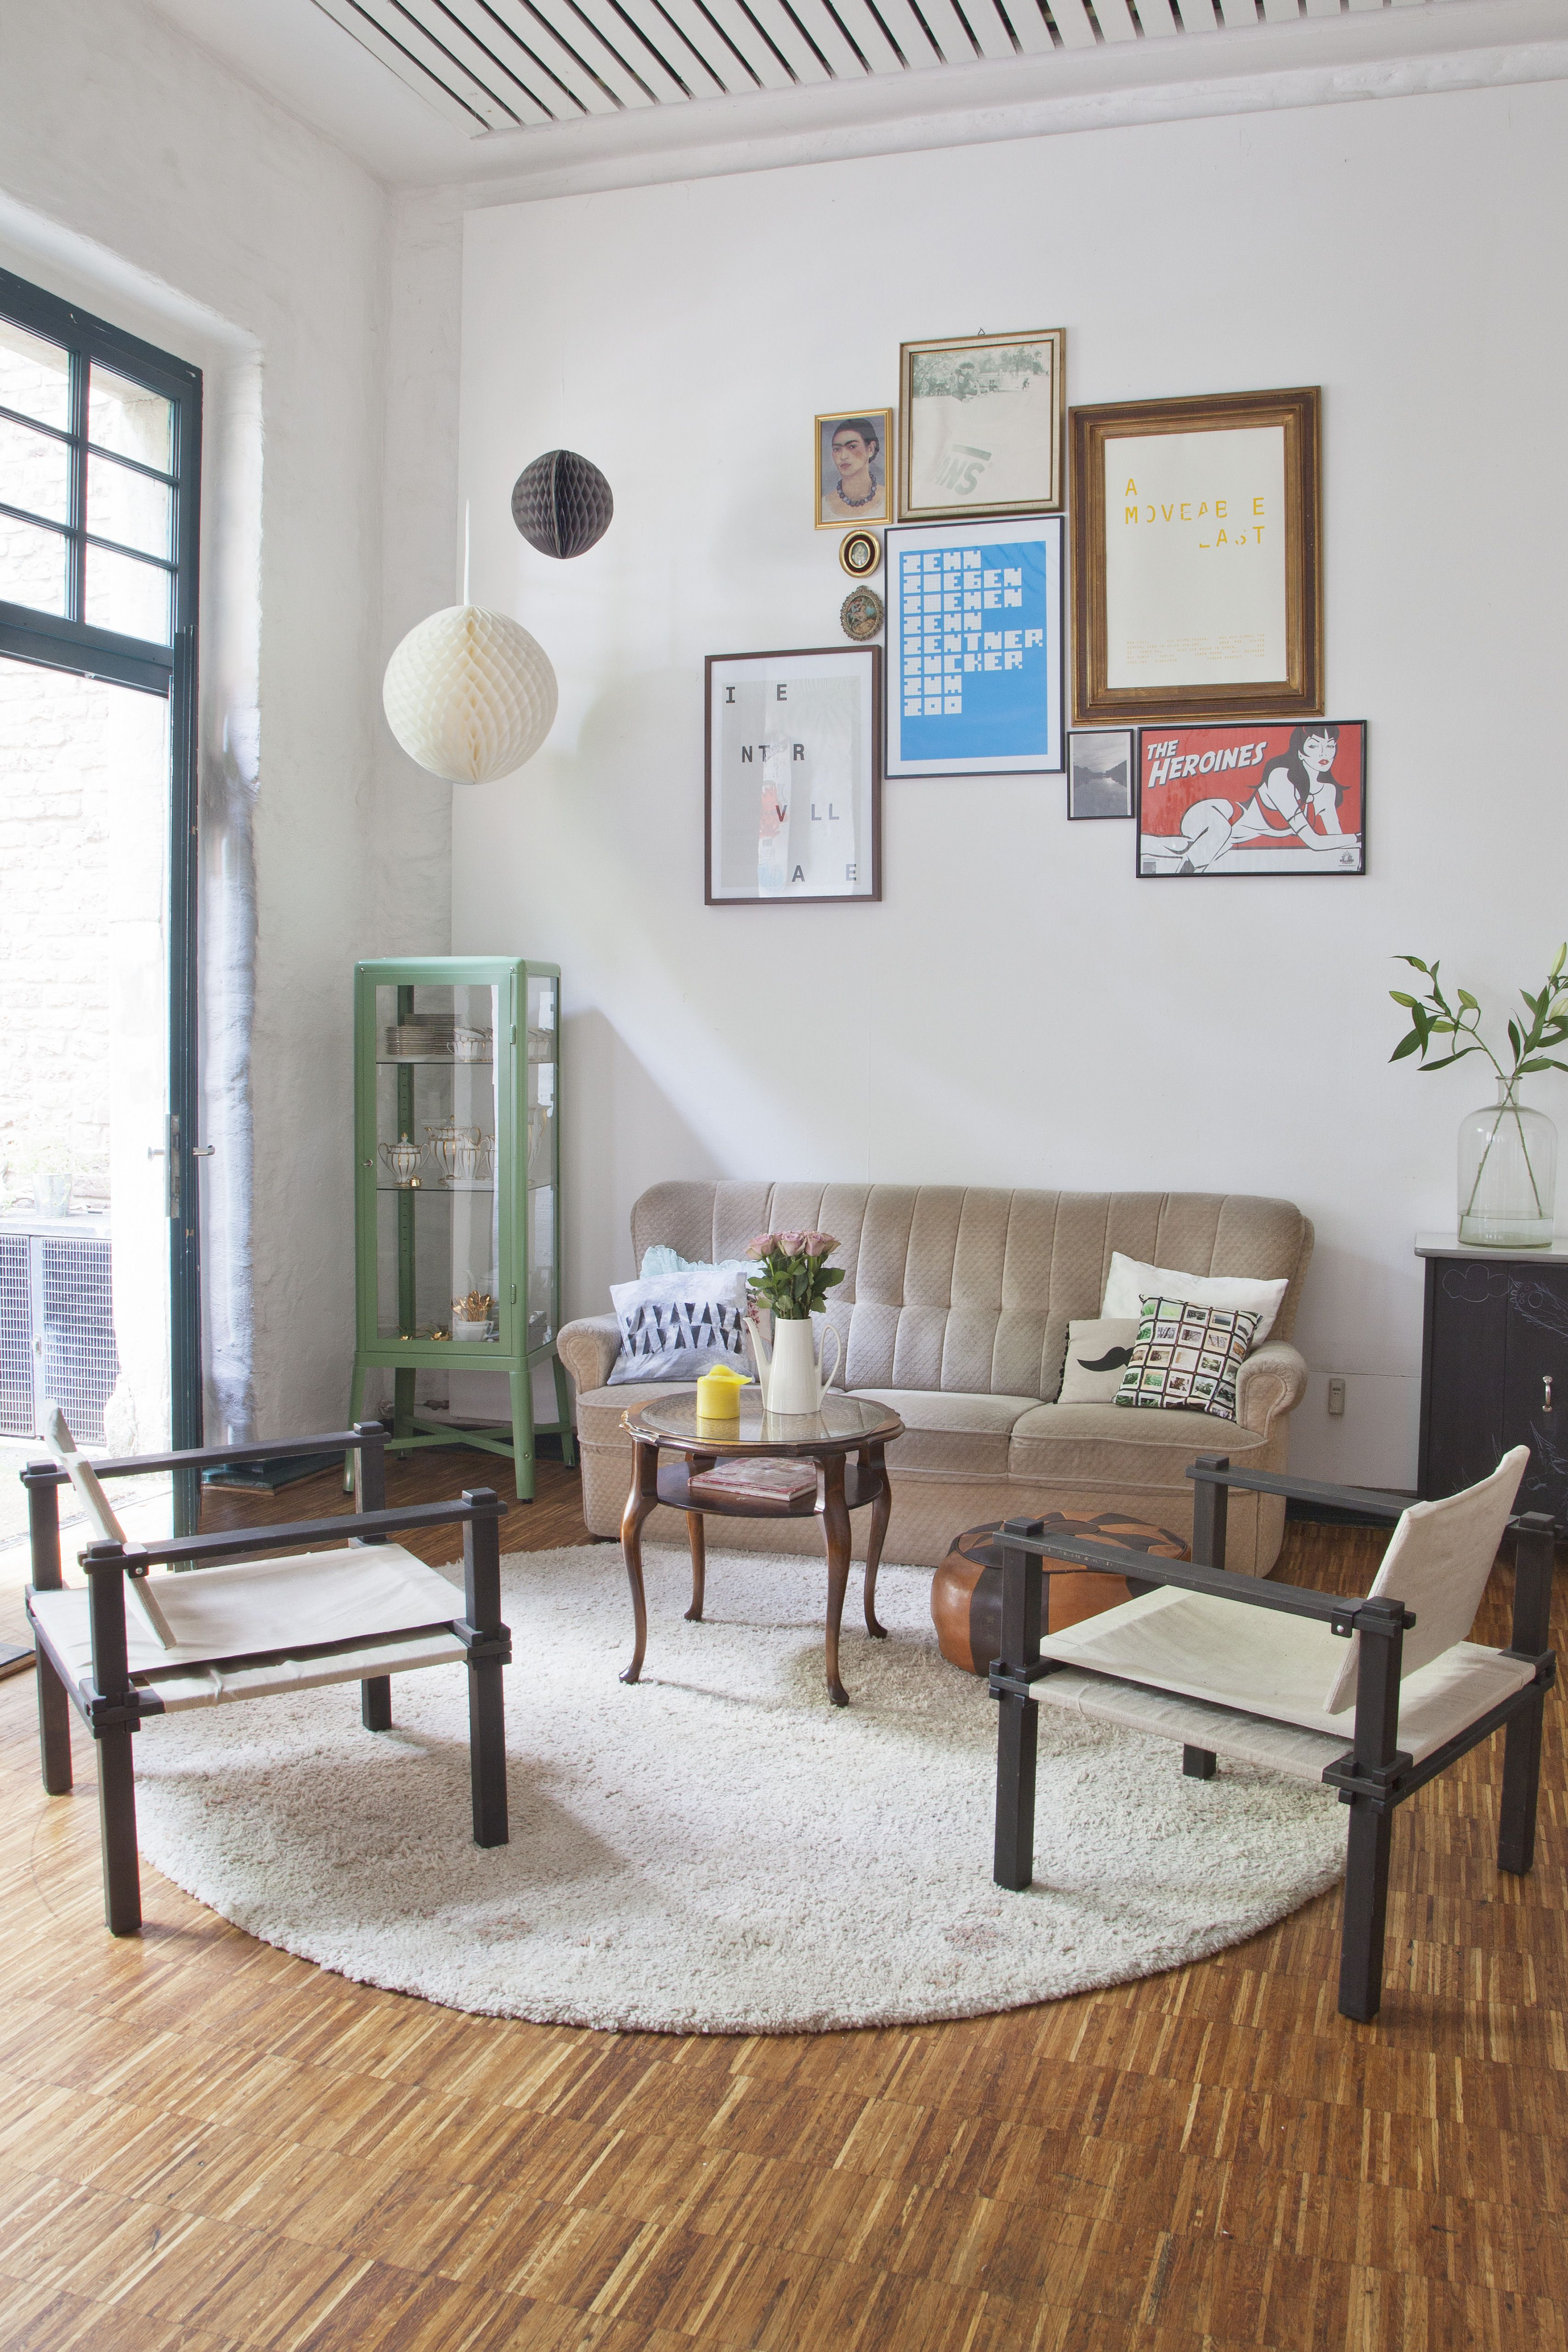 Ideen zur individuellen Wohnzimmergestaltung   DAS HAUS   Wohnzimmer einrichten, Wohnzimmermöbel ...